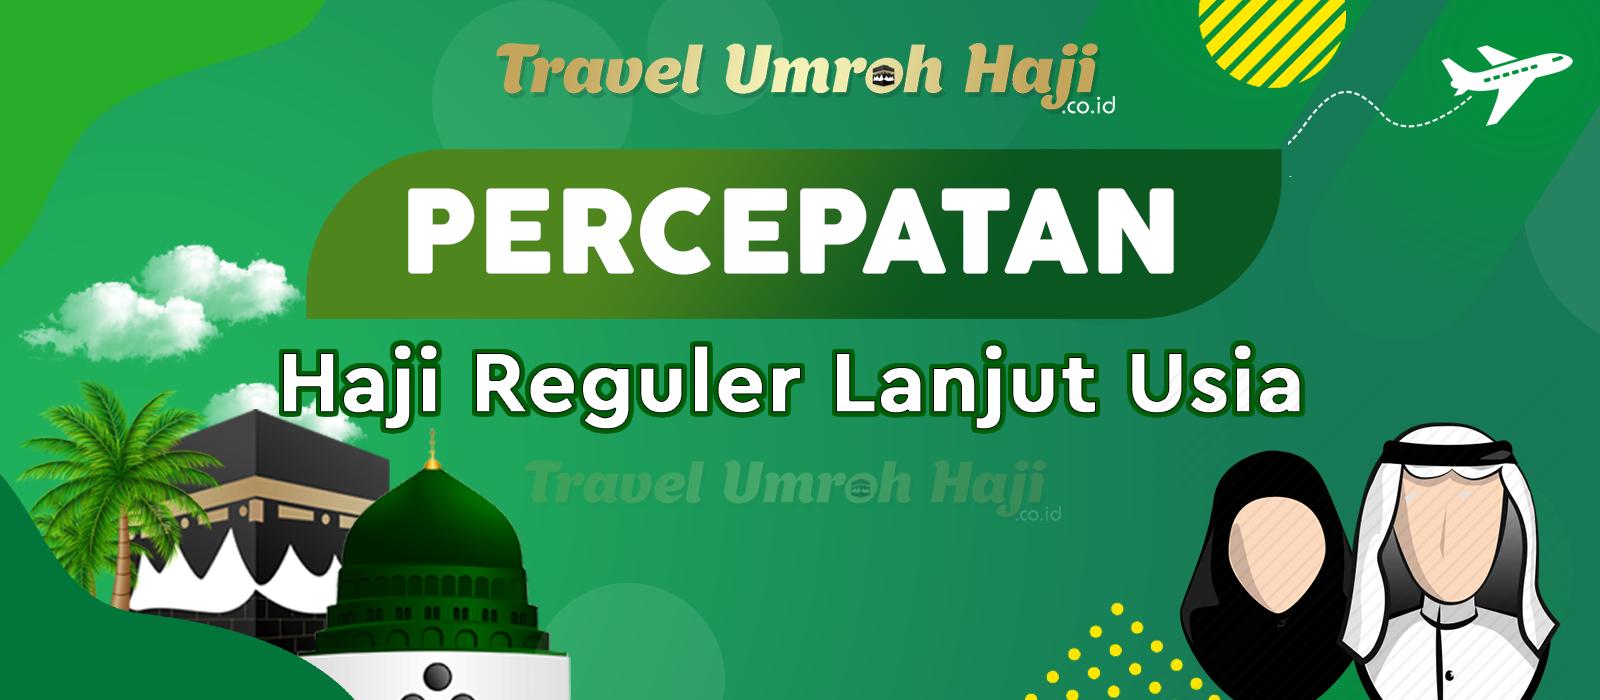 Percepatan Pendamping Keluarga Untuk Prioritas Percepatan Haji Reguler Kategori Lansia